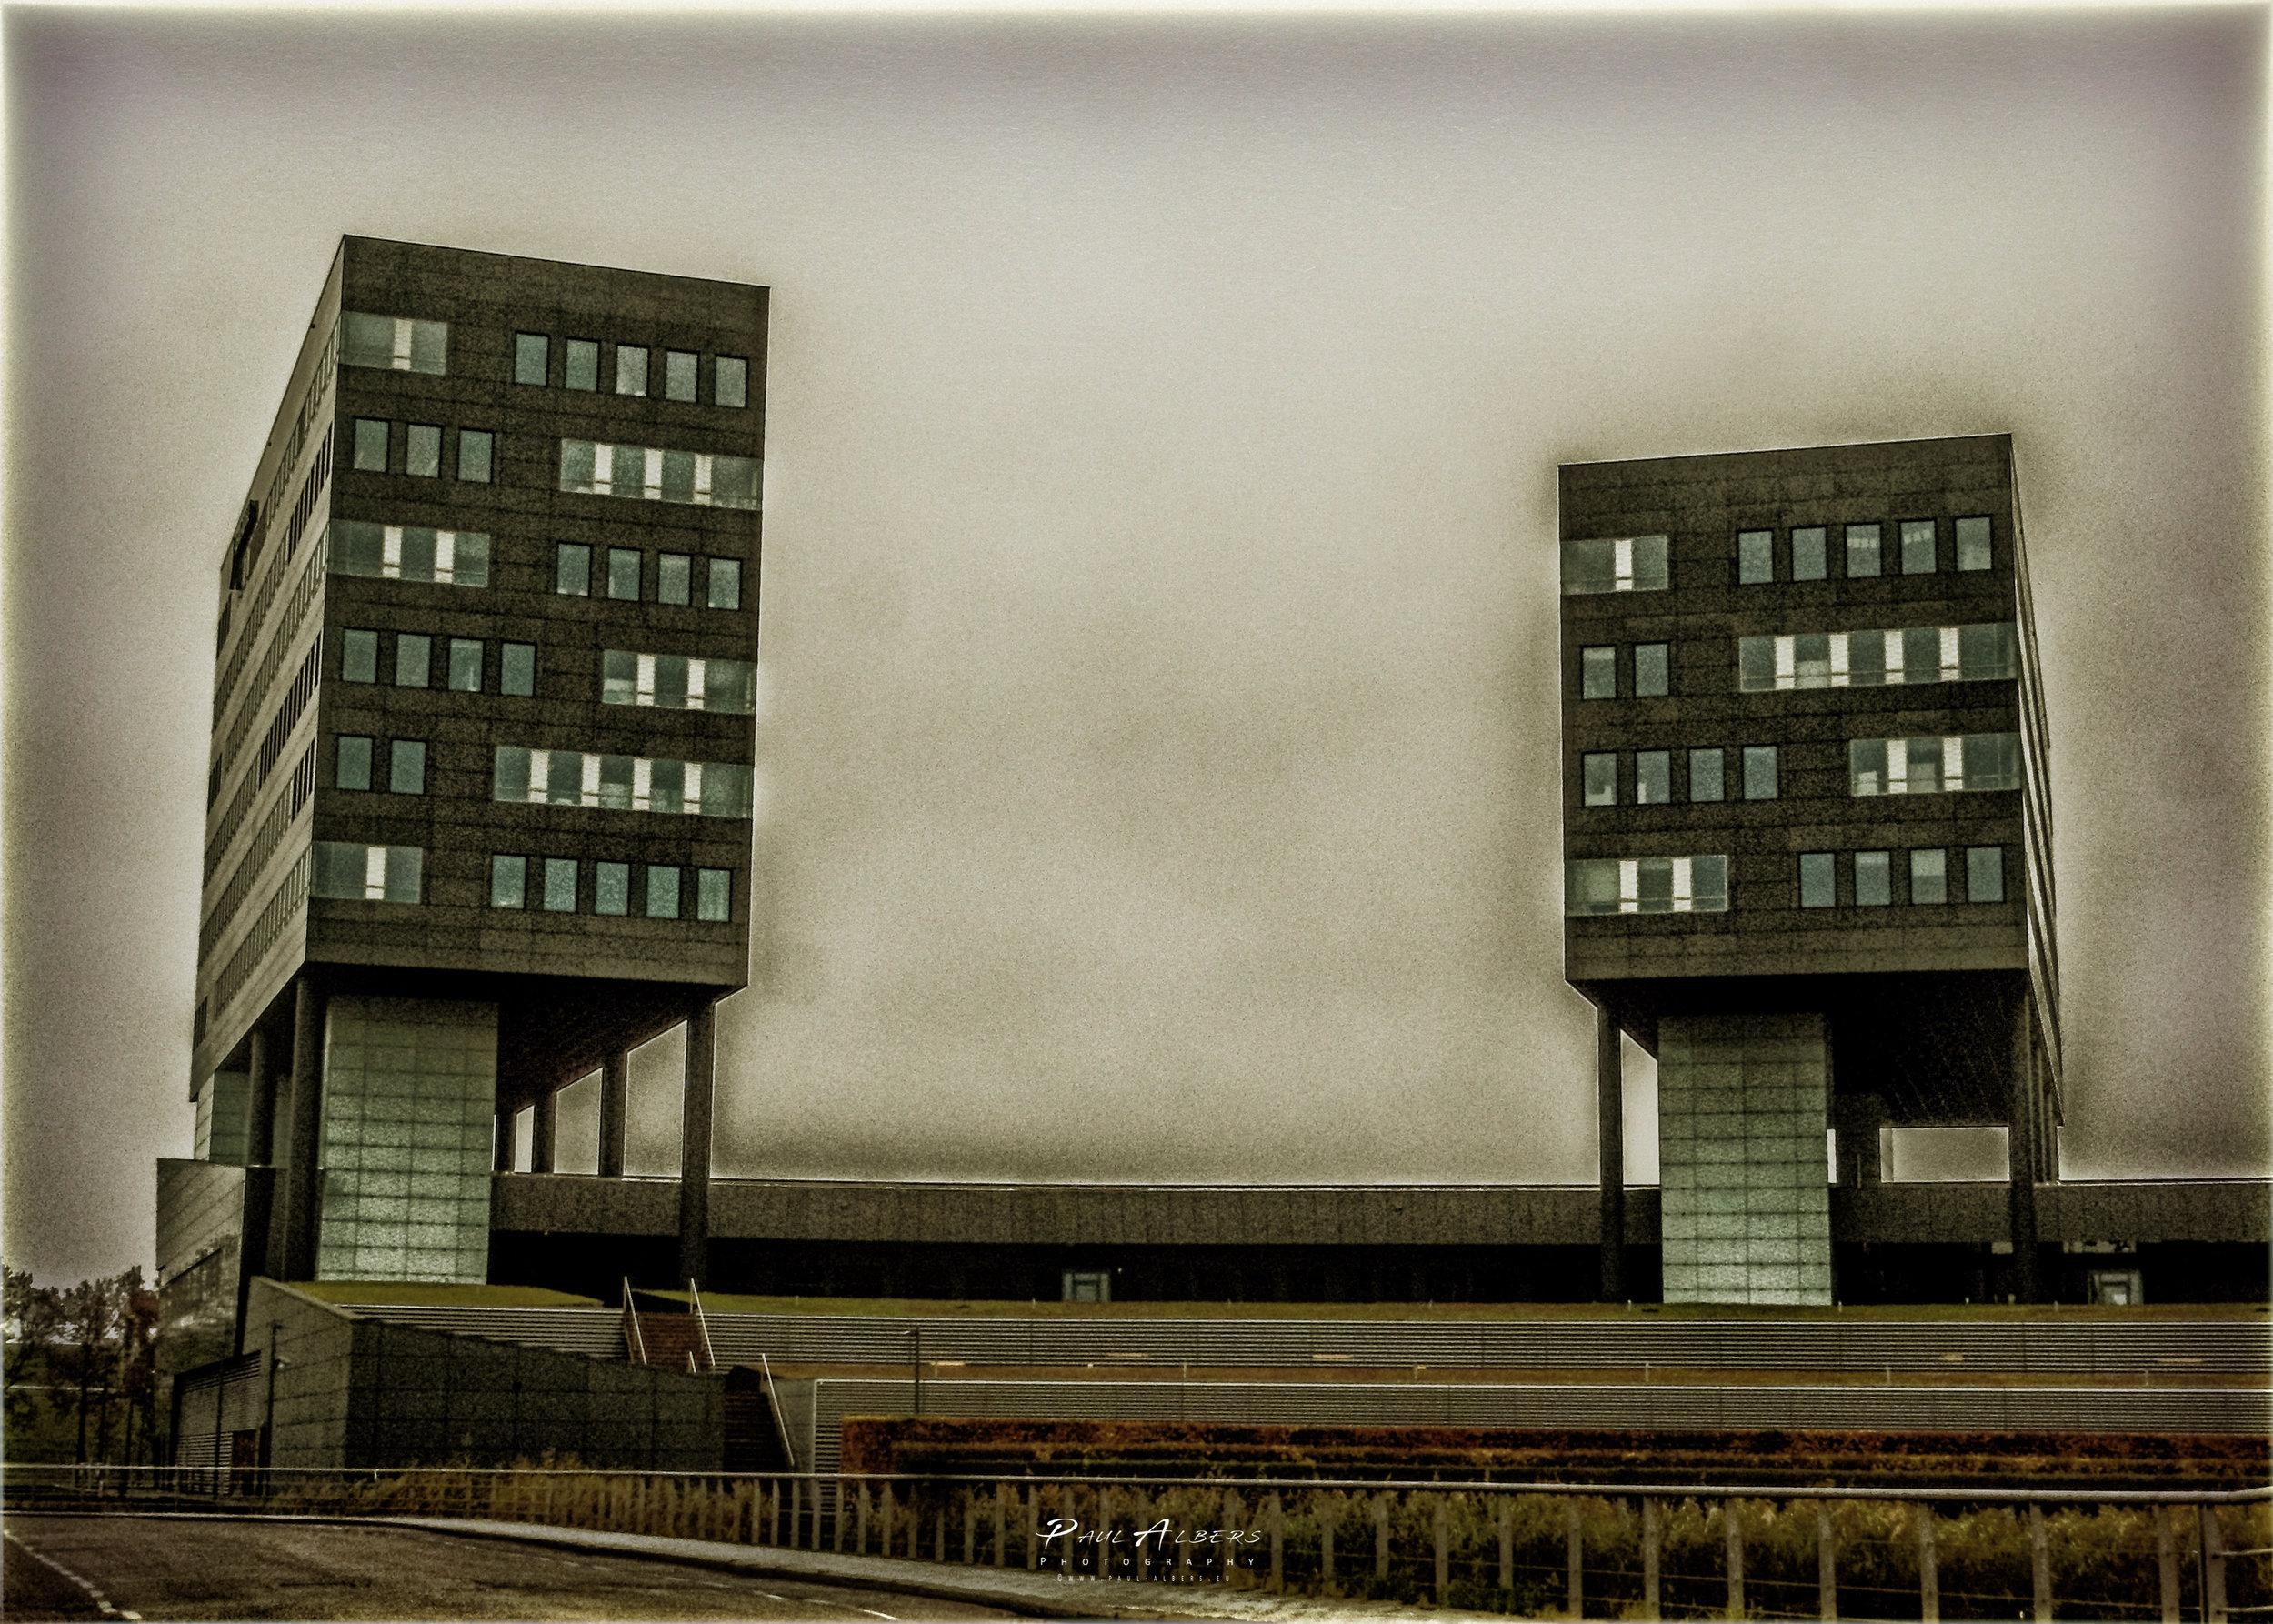 Paul-Albers-5x7-1.jpg